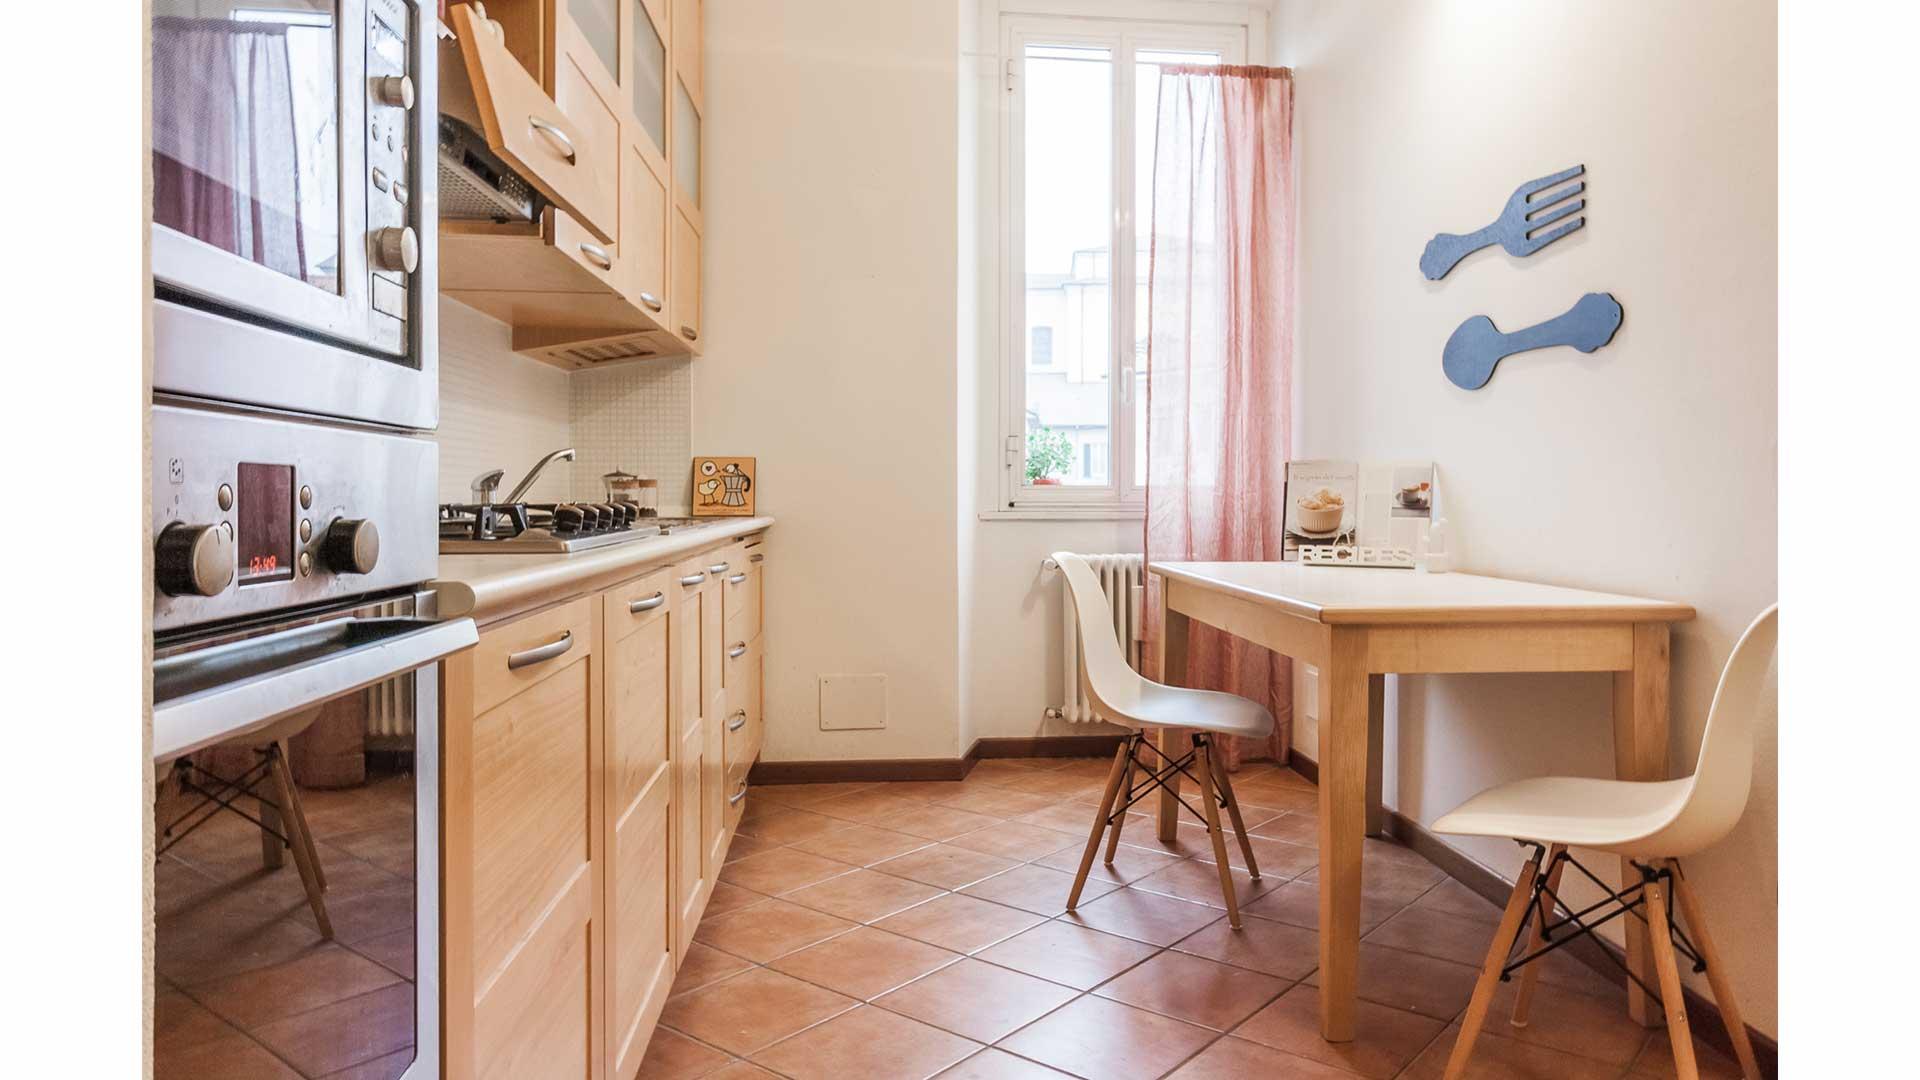 Casa Marisa Home staging in trilocale abitato a Carimate (CO).